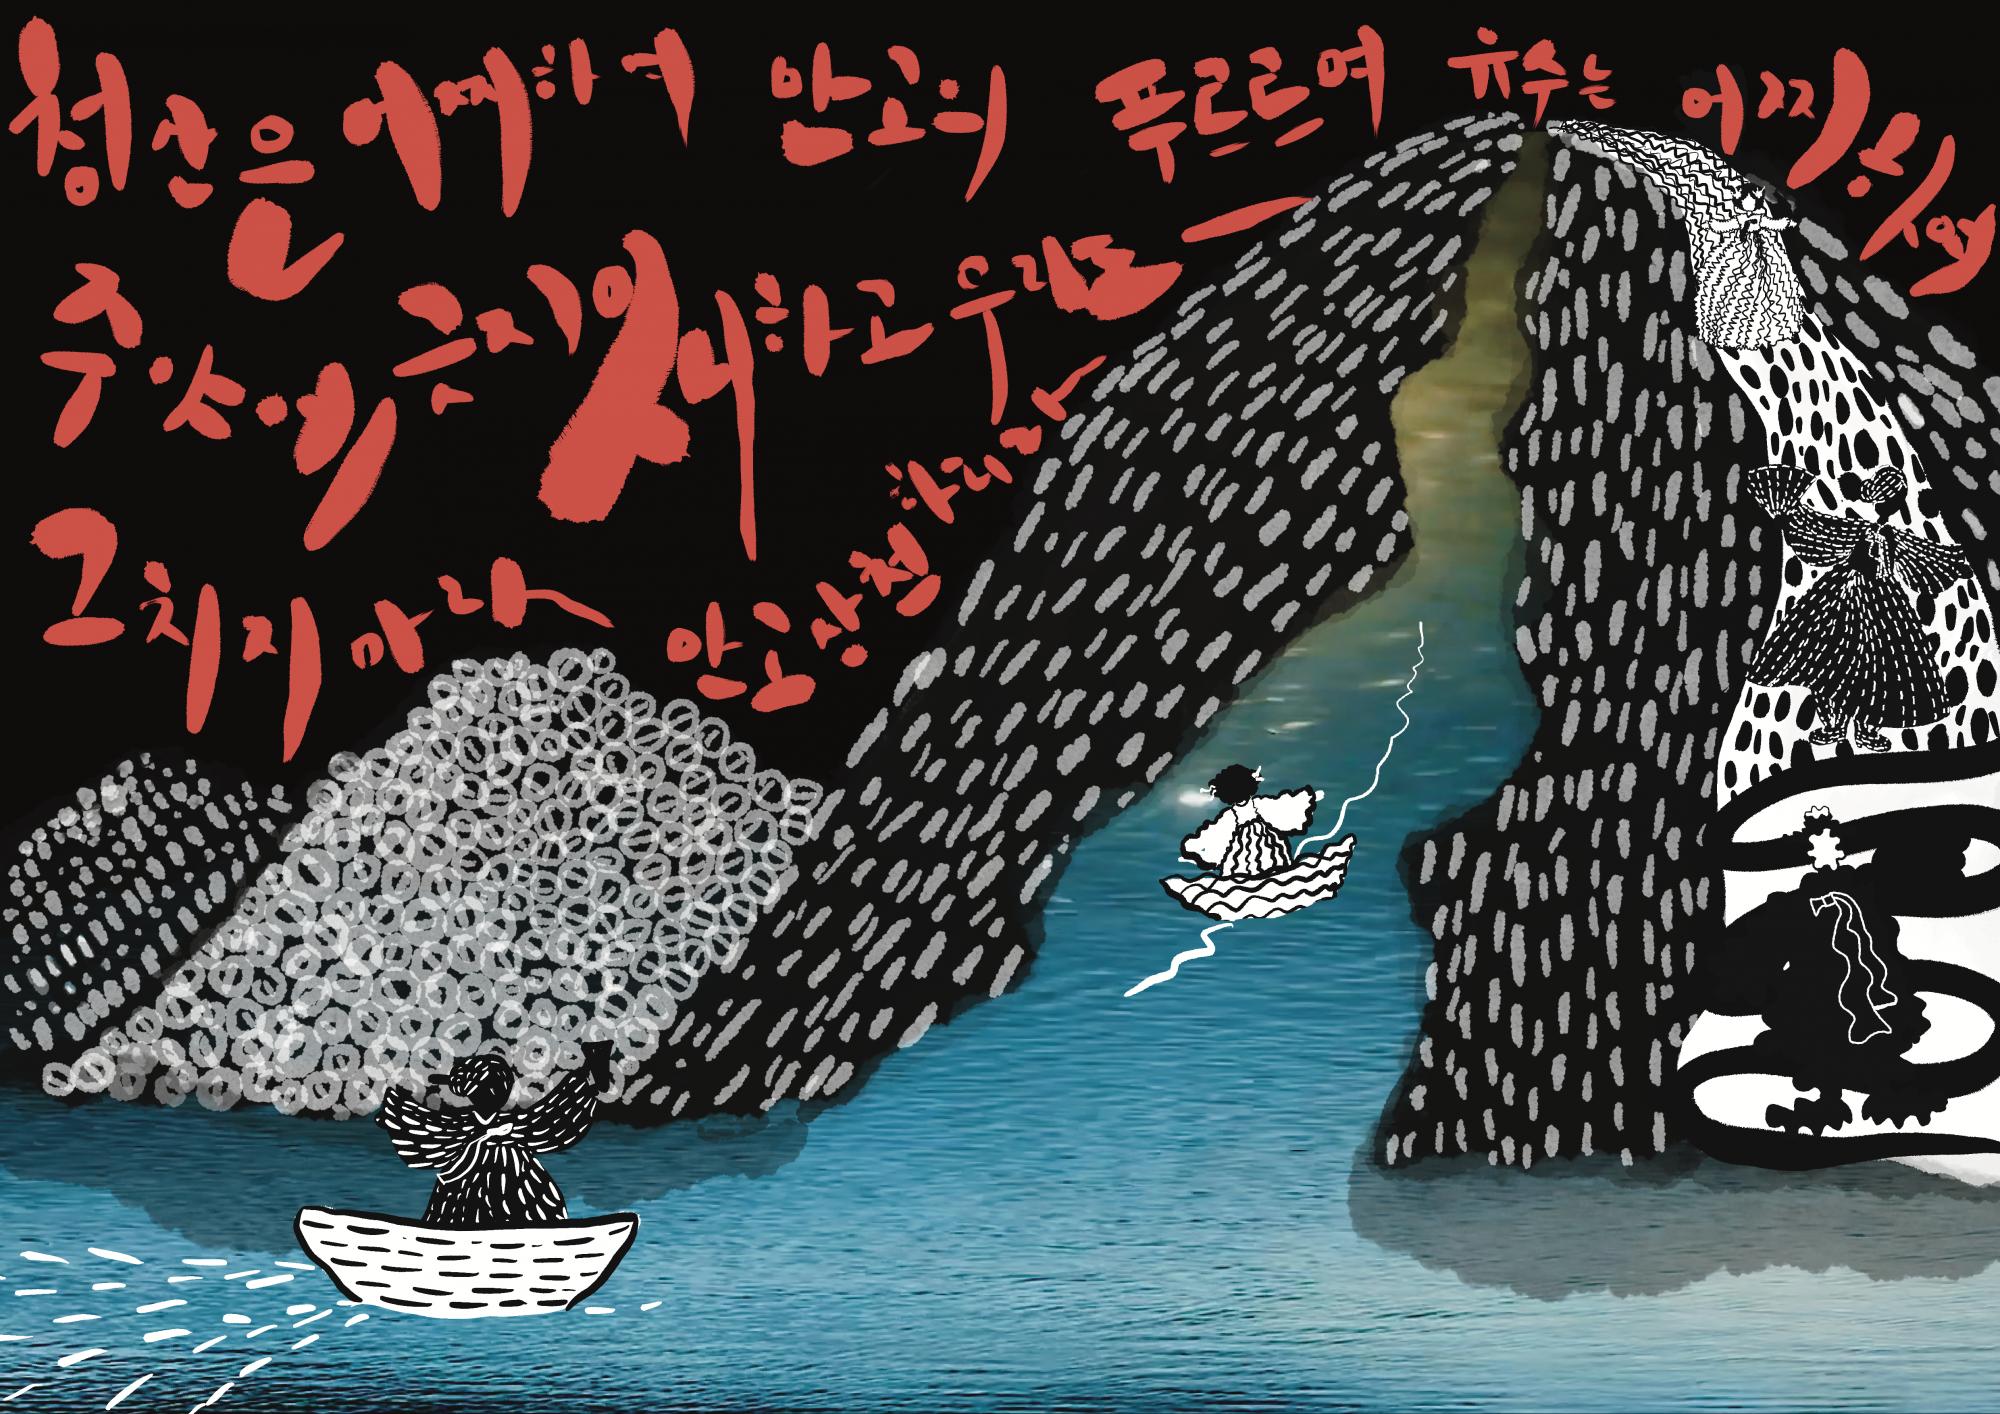 """Youngseo Park / Chijochang """"Warum ist der Berg blau"""" / Chijochang ist ein koreanisches traditionelles Lied und Gedicht: """"Warum ist der Berg immer grün? Warum hört das Wasser nicht auf zu fließen, und Tag und Nacht ruhen nicht? Auch wir, wie diese grünen Berge und das fließende Wasser, werden uns nicht ändern und niemals aufhören, alt zu werden und werden immer ein starkes Leben führen."""""""